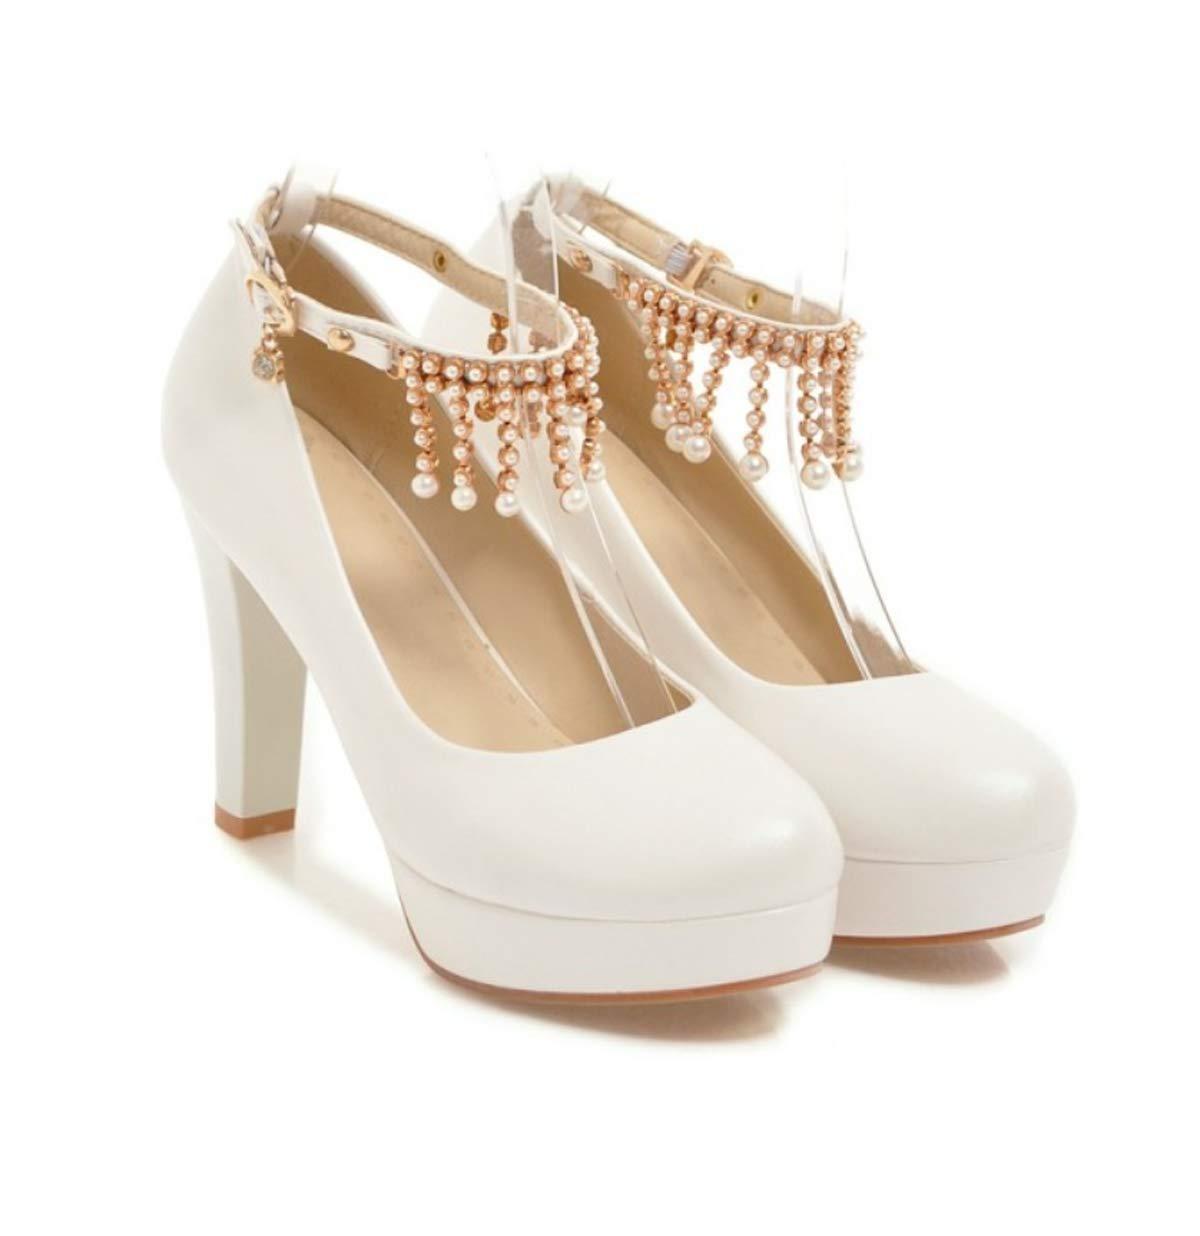 HBDLH Damenschuhe/Im Herbst 11Cm Hat Super-High-Heels Einzelne Schuhe Mode Schuhe Wasser Läuft Hasp Prinzessin Schuhe Wilde Frauen Schuhe.